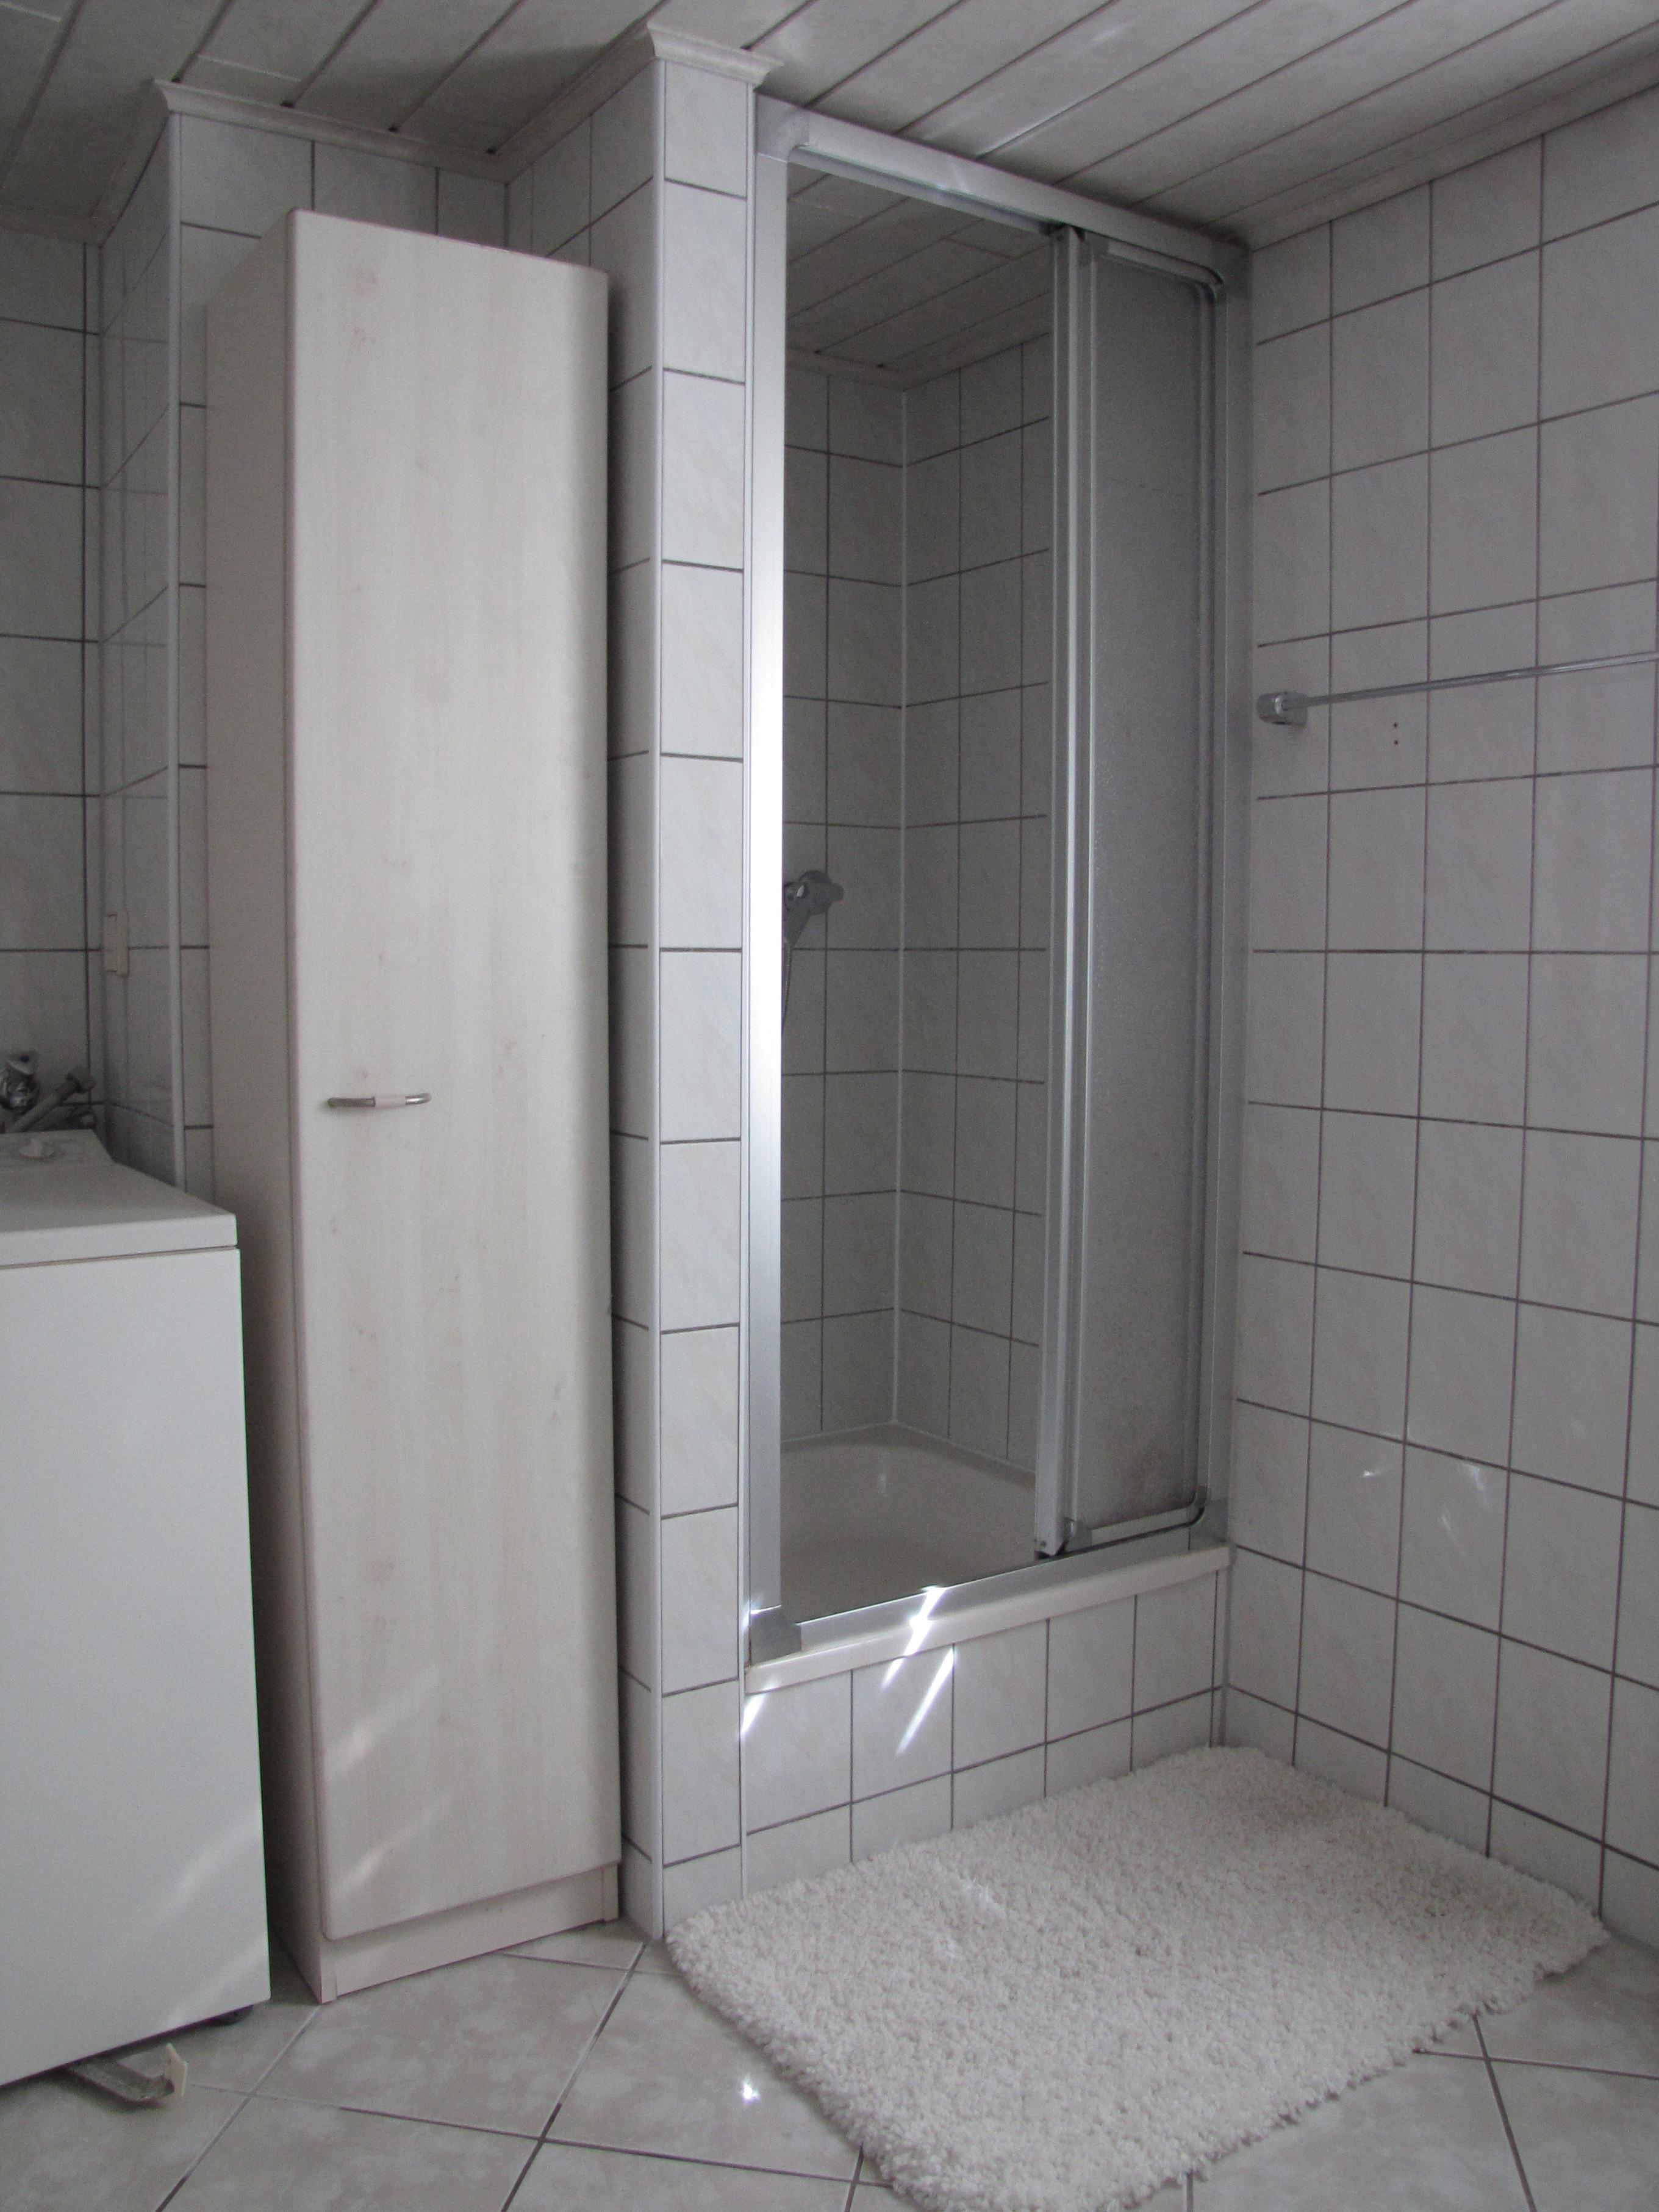 Ferienhaus Spreewaldhaus Lübben (2463478), Lübben, Spreewald, Brandenburg, Deutschland, Bild 17